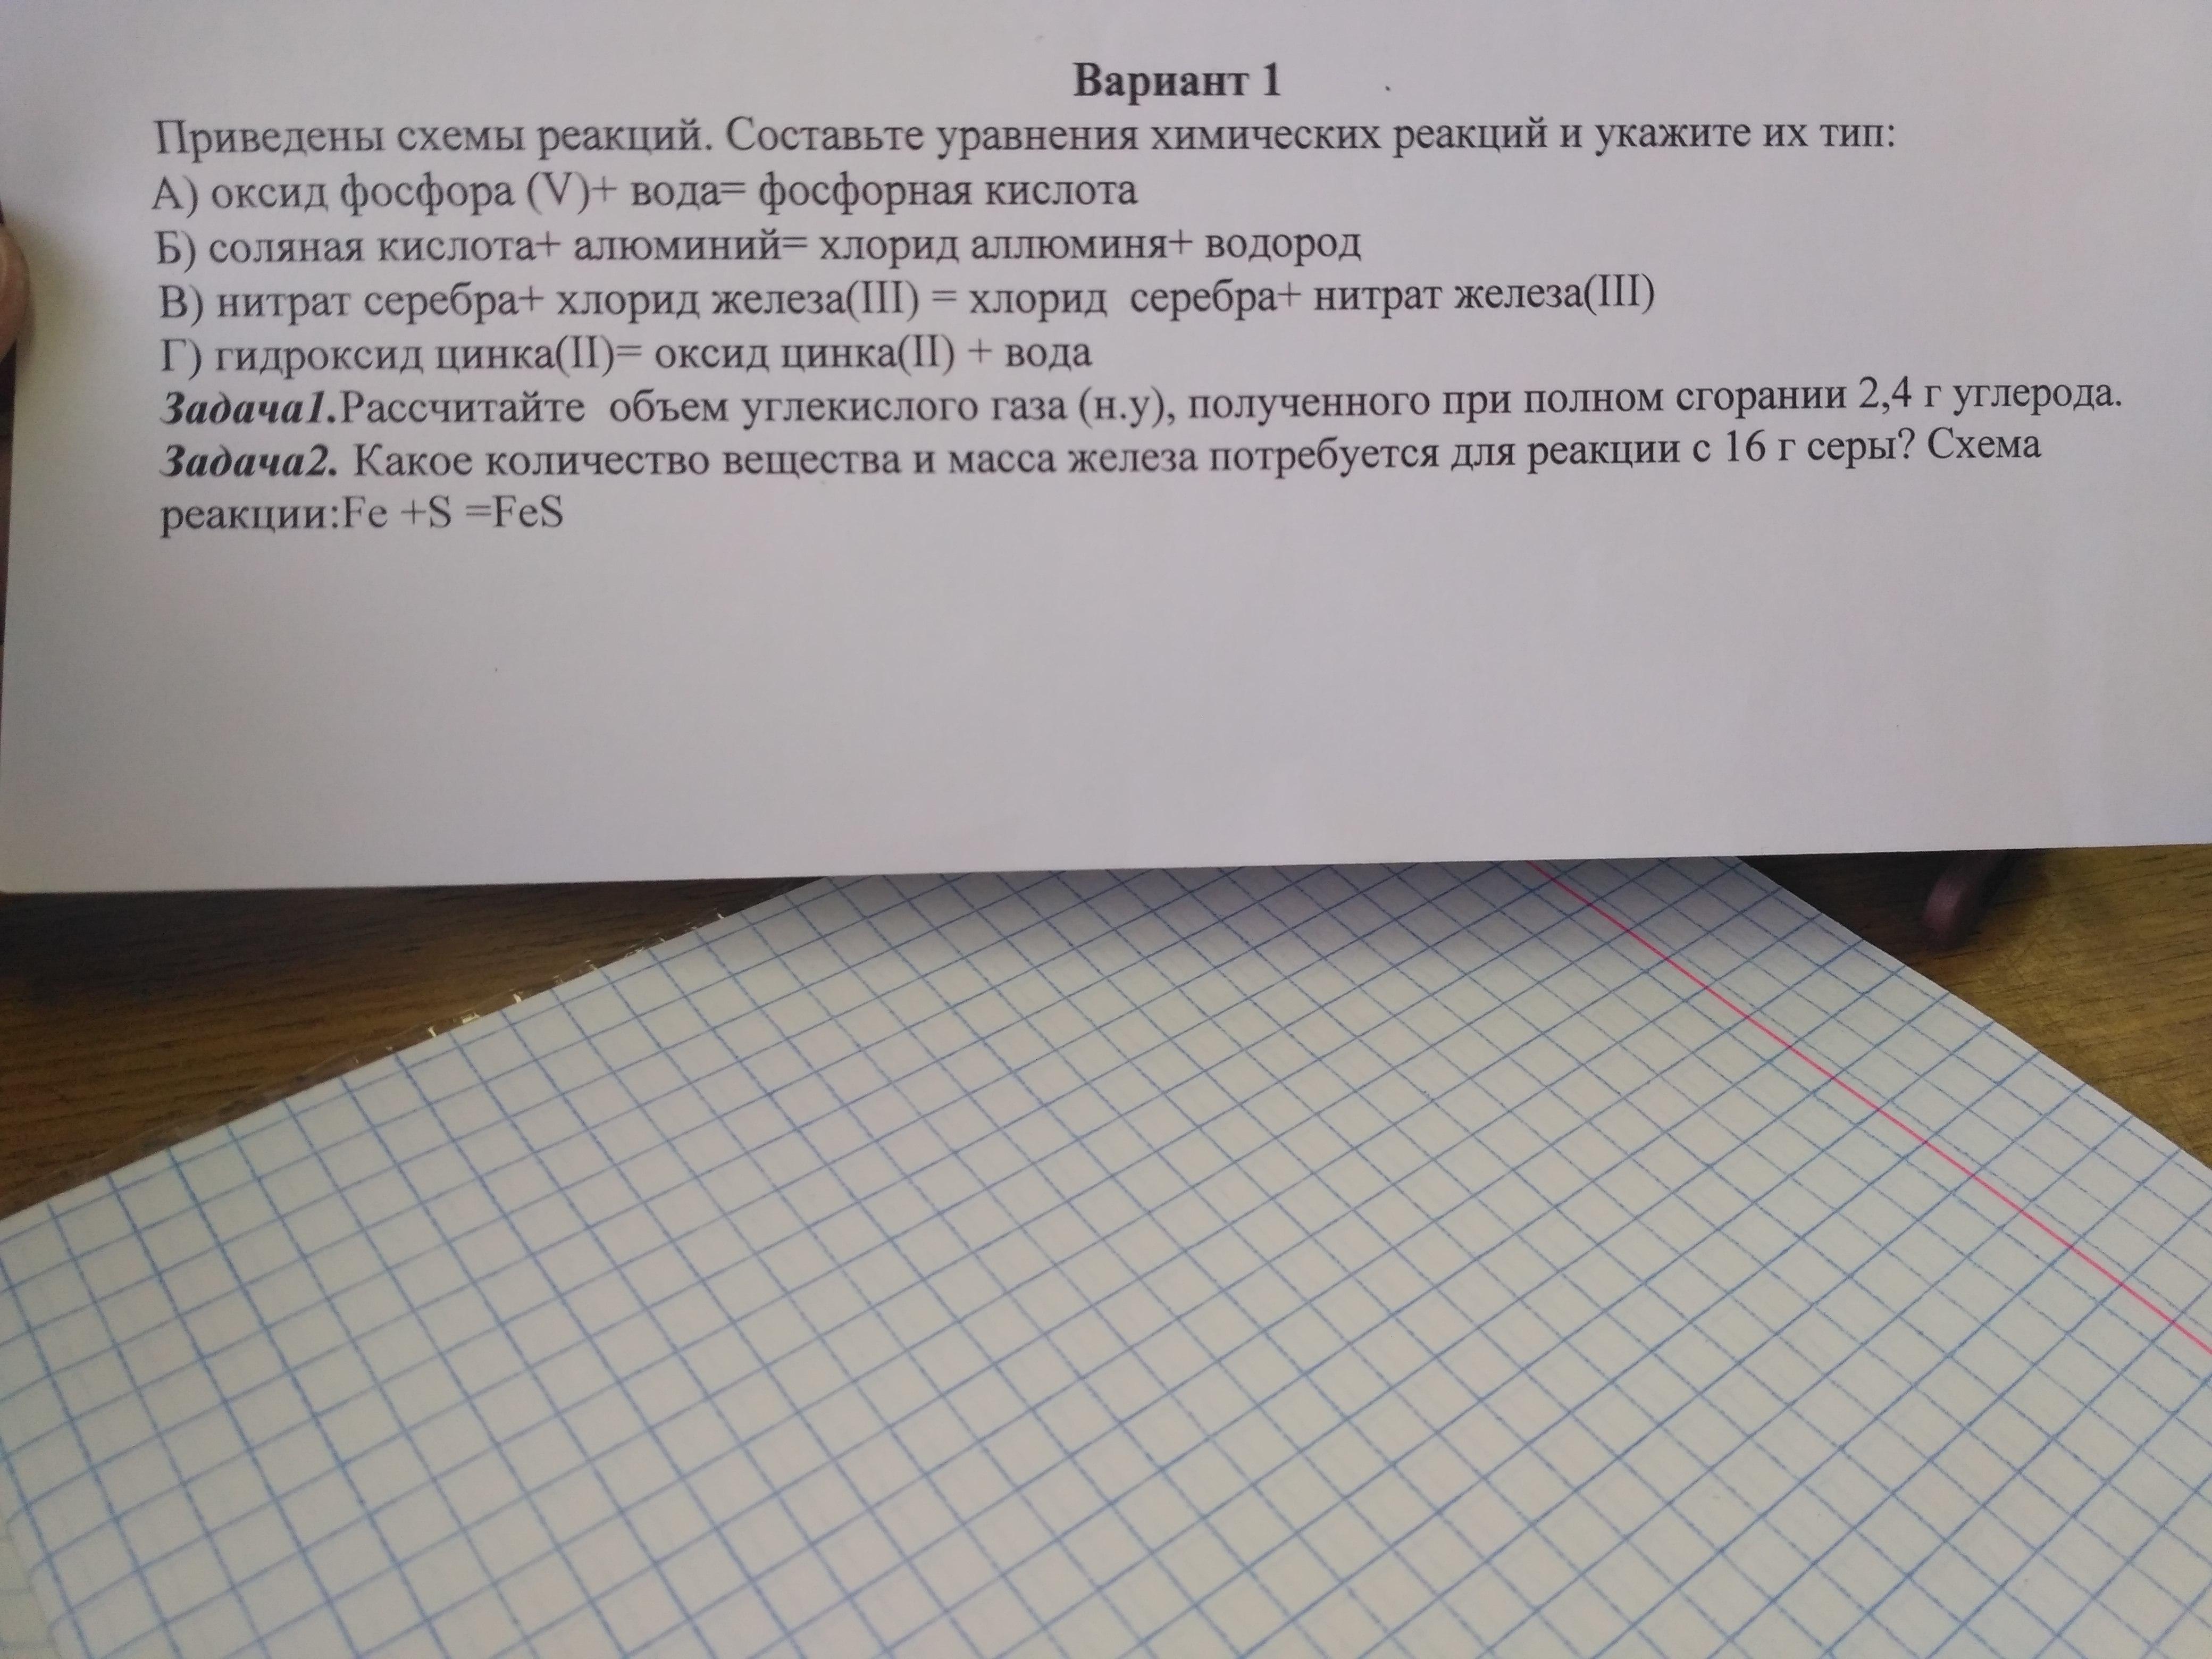 Составьте уравнения реакций по приведенной схеме и укажите